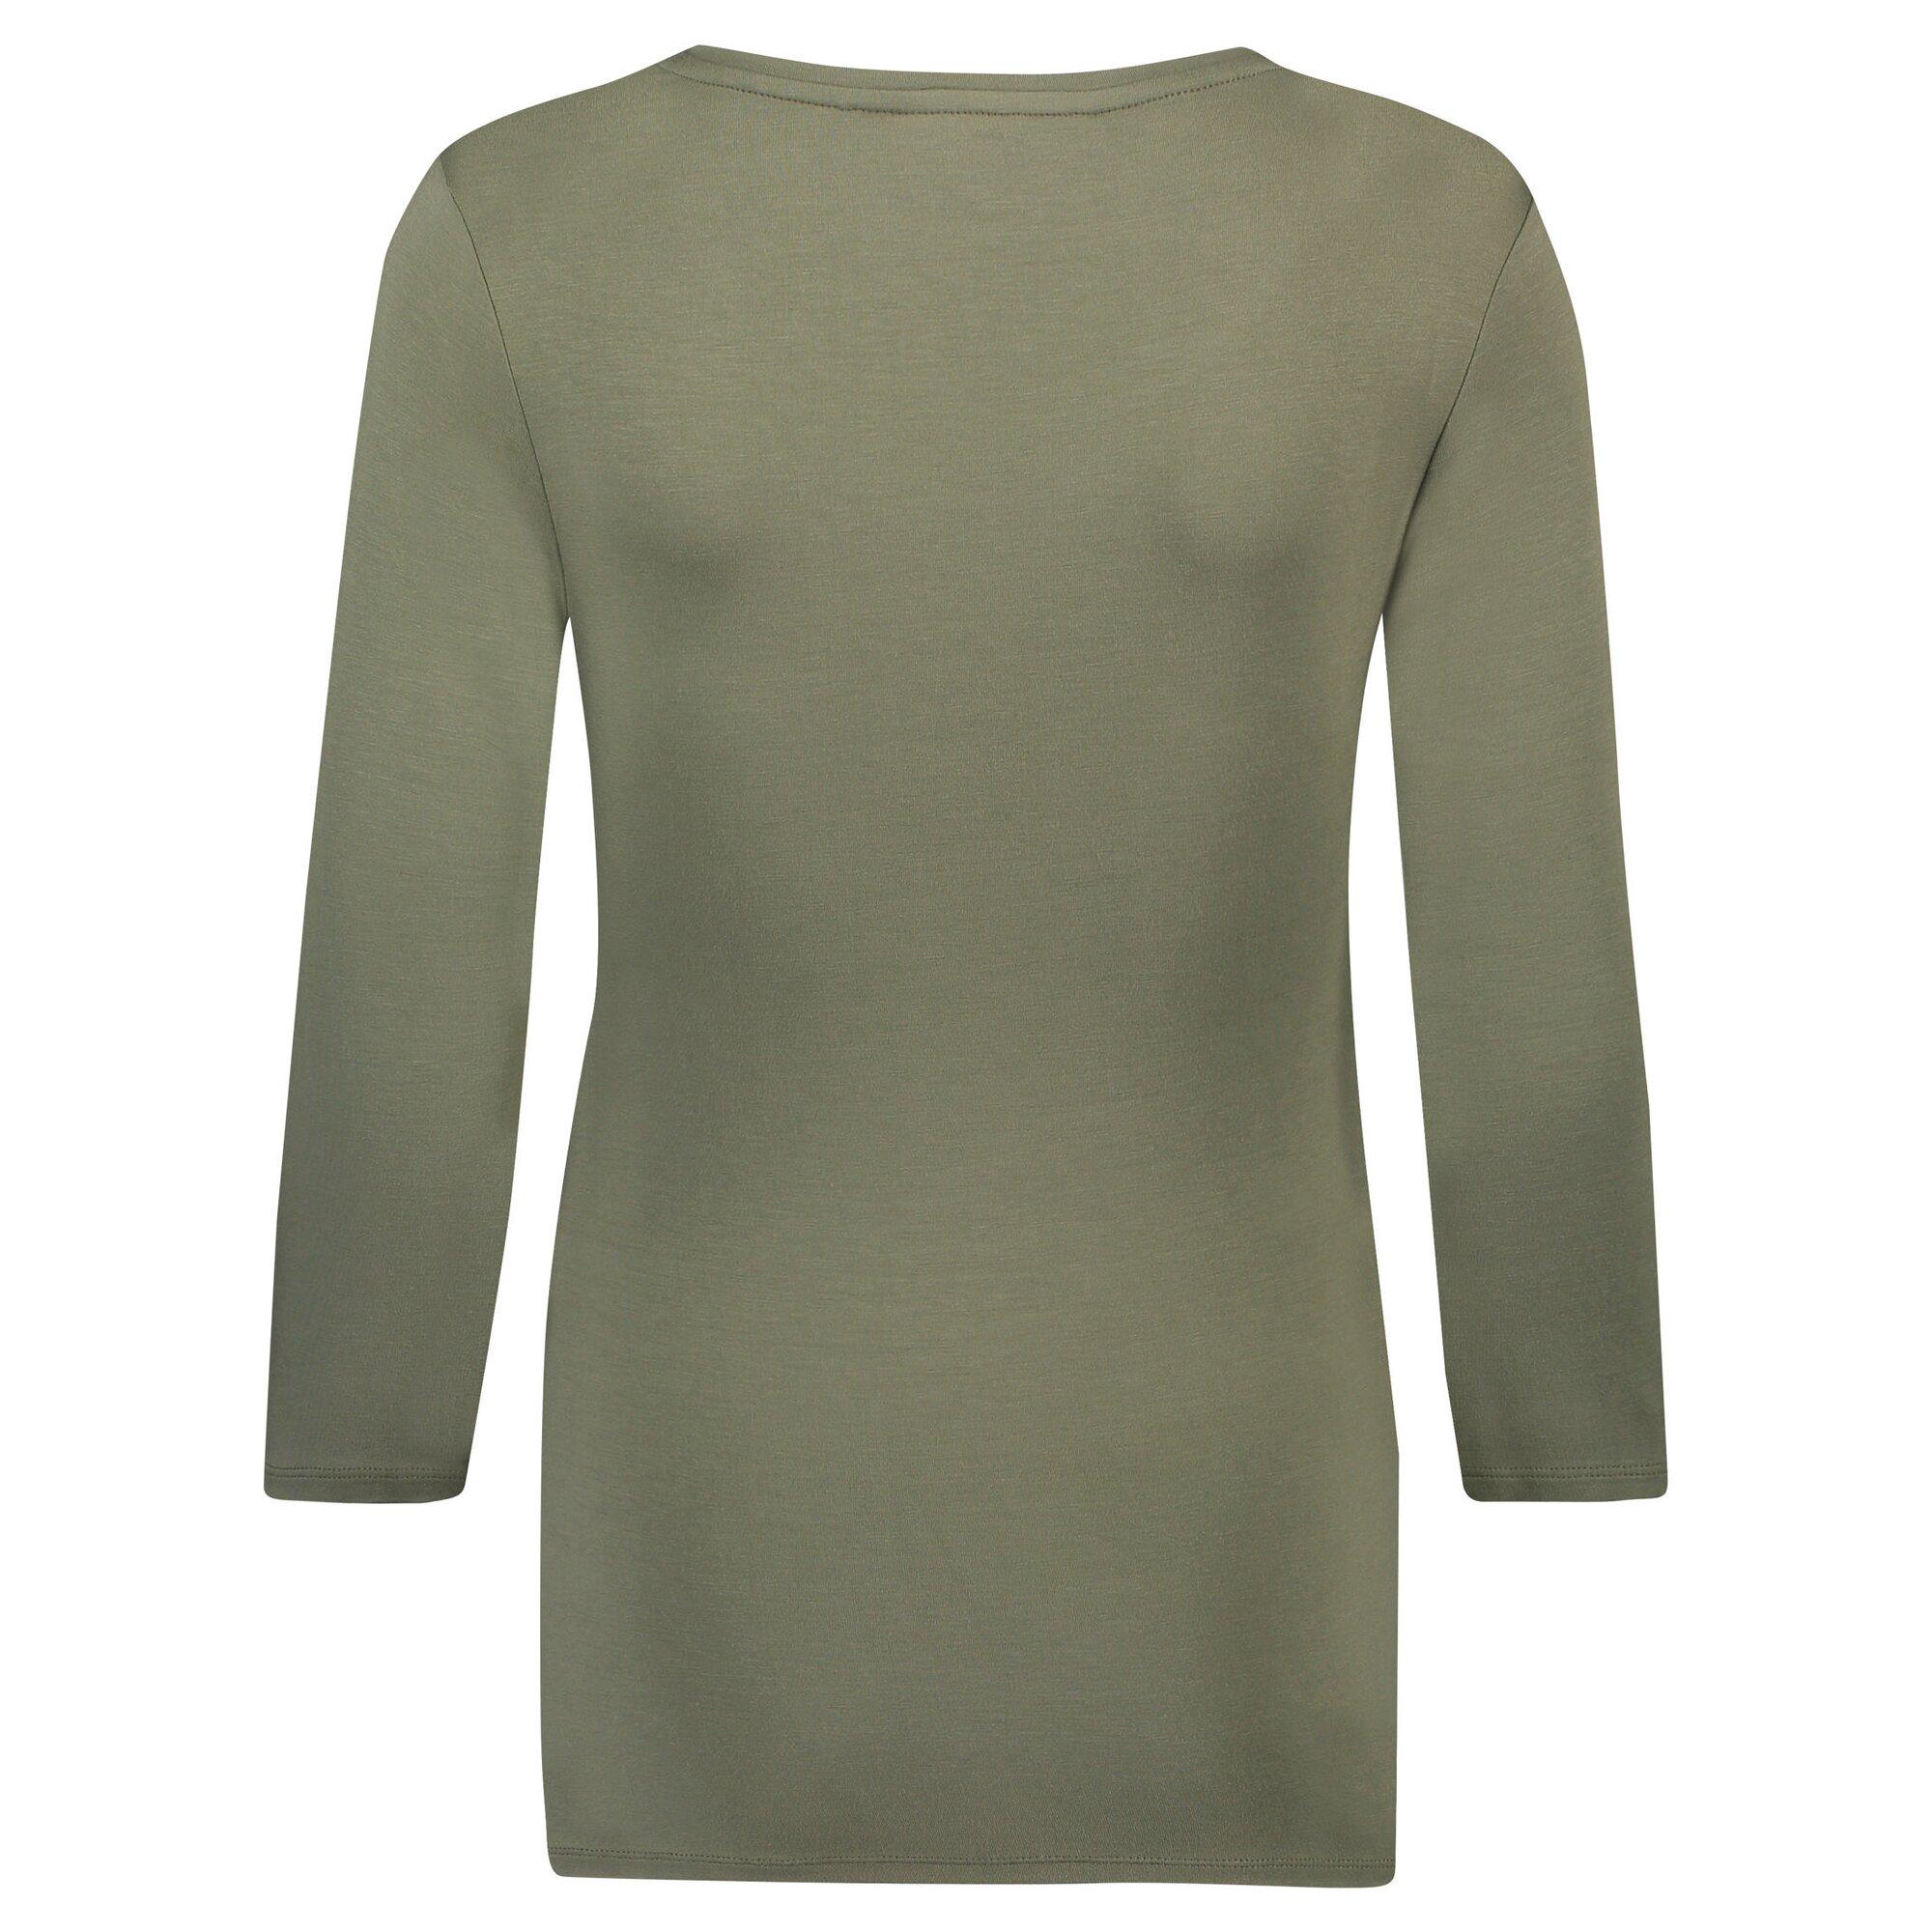 esprit-still-shirt, 39.99 EUR @ babywalz-de